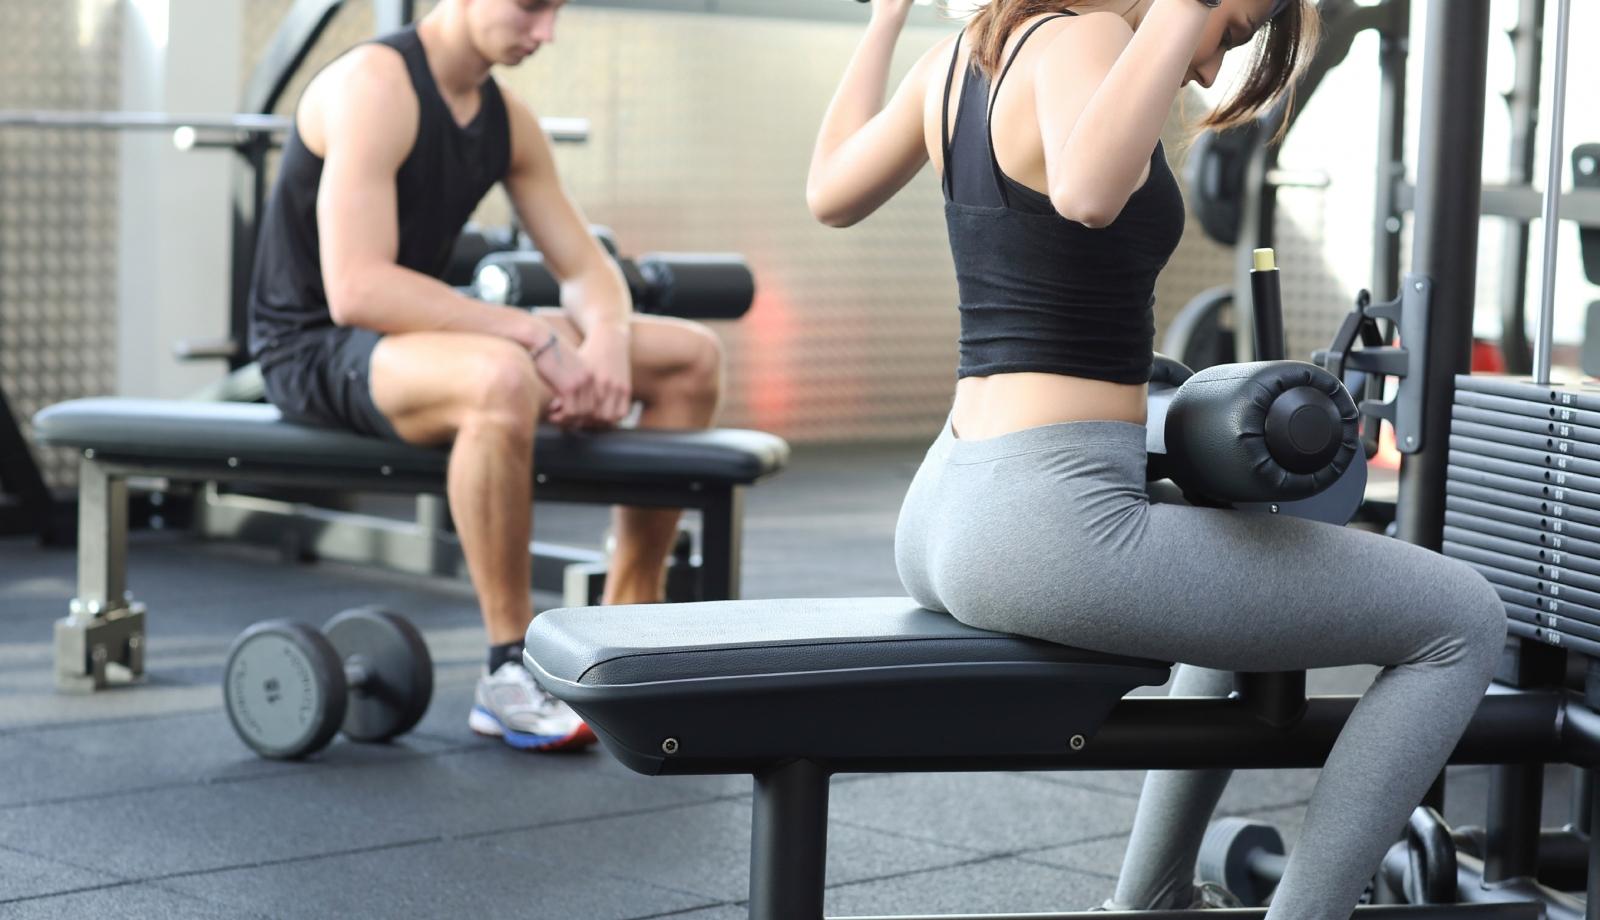 Tập luyện thể dục thường xuyên sẽ cải thiện vóc dáng của bạn một cách đáng kể